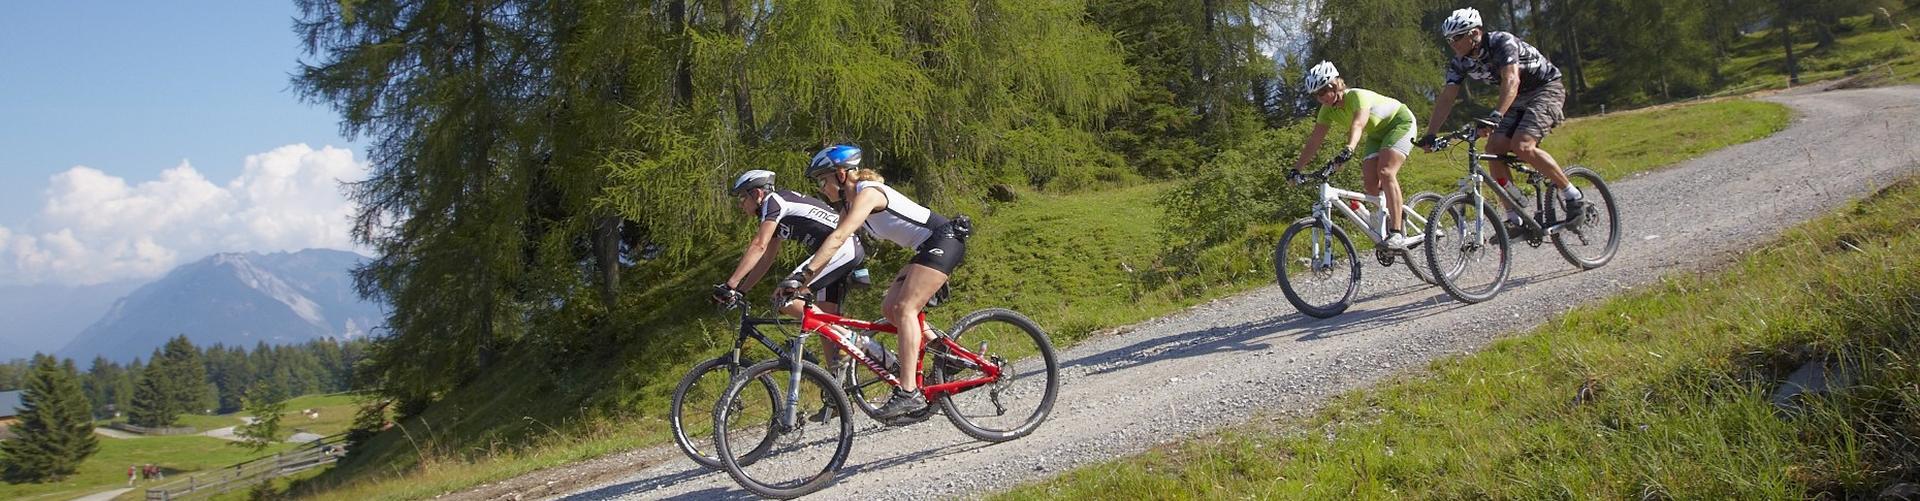 Mountainbiking in Österreich